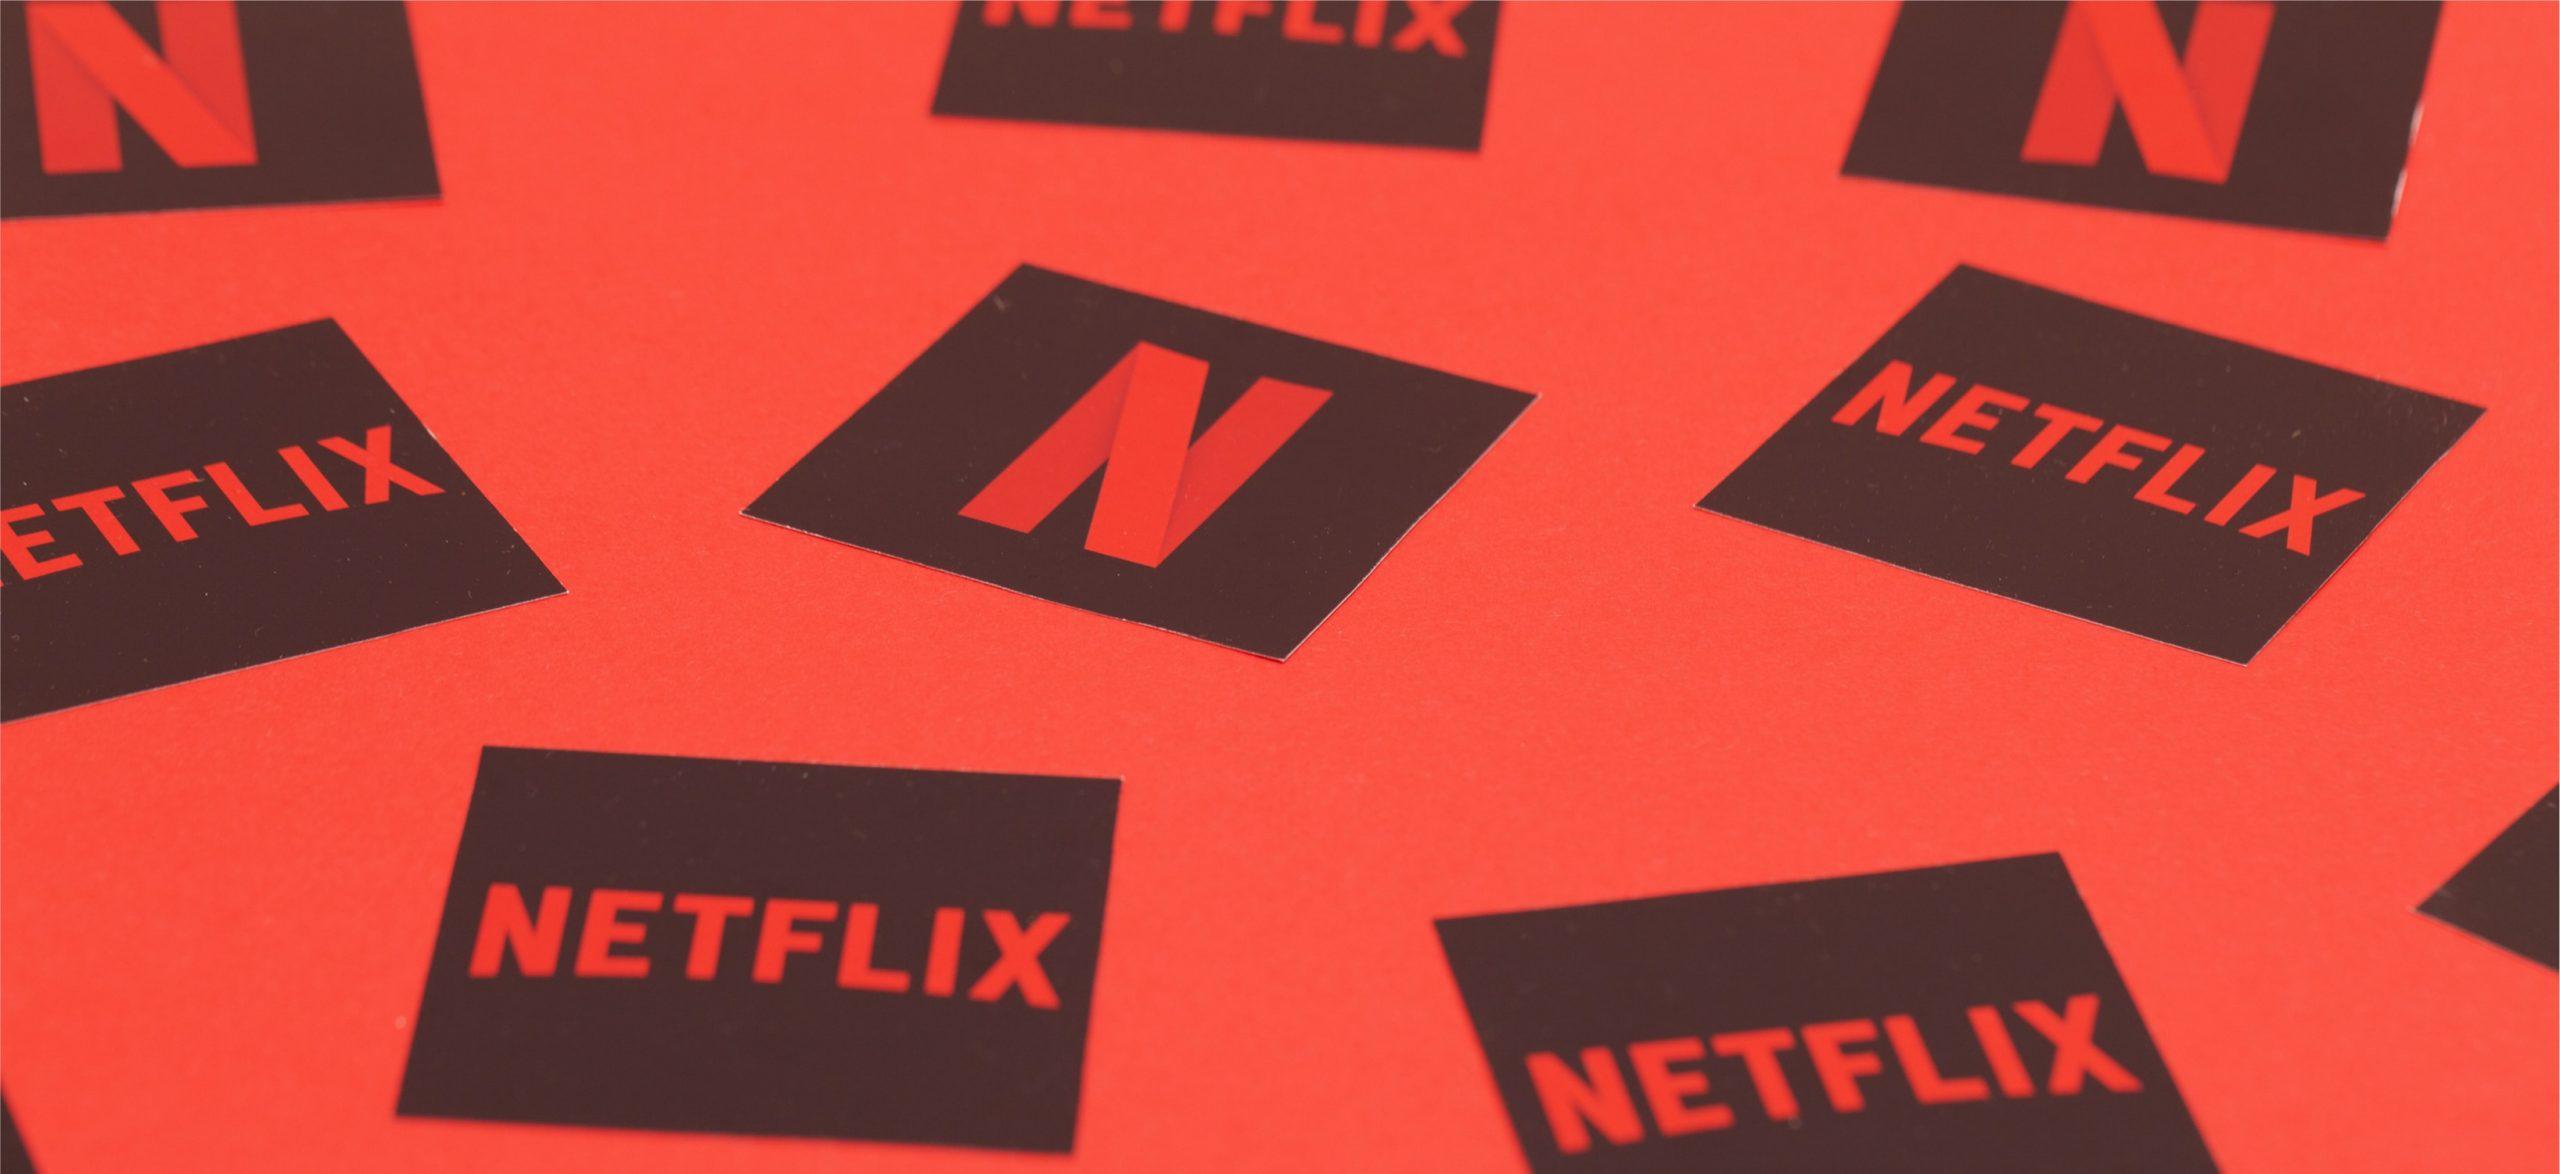 Netflix-ek ez du erabiltzaile aktiboen dirurik nahi, zombie kontuak ezabatuko ditu